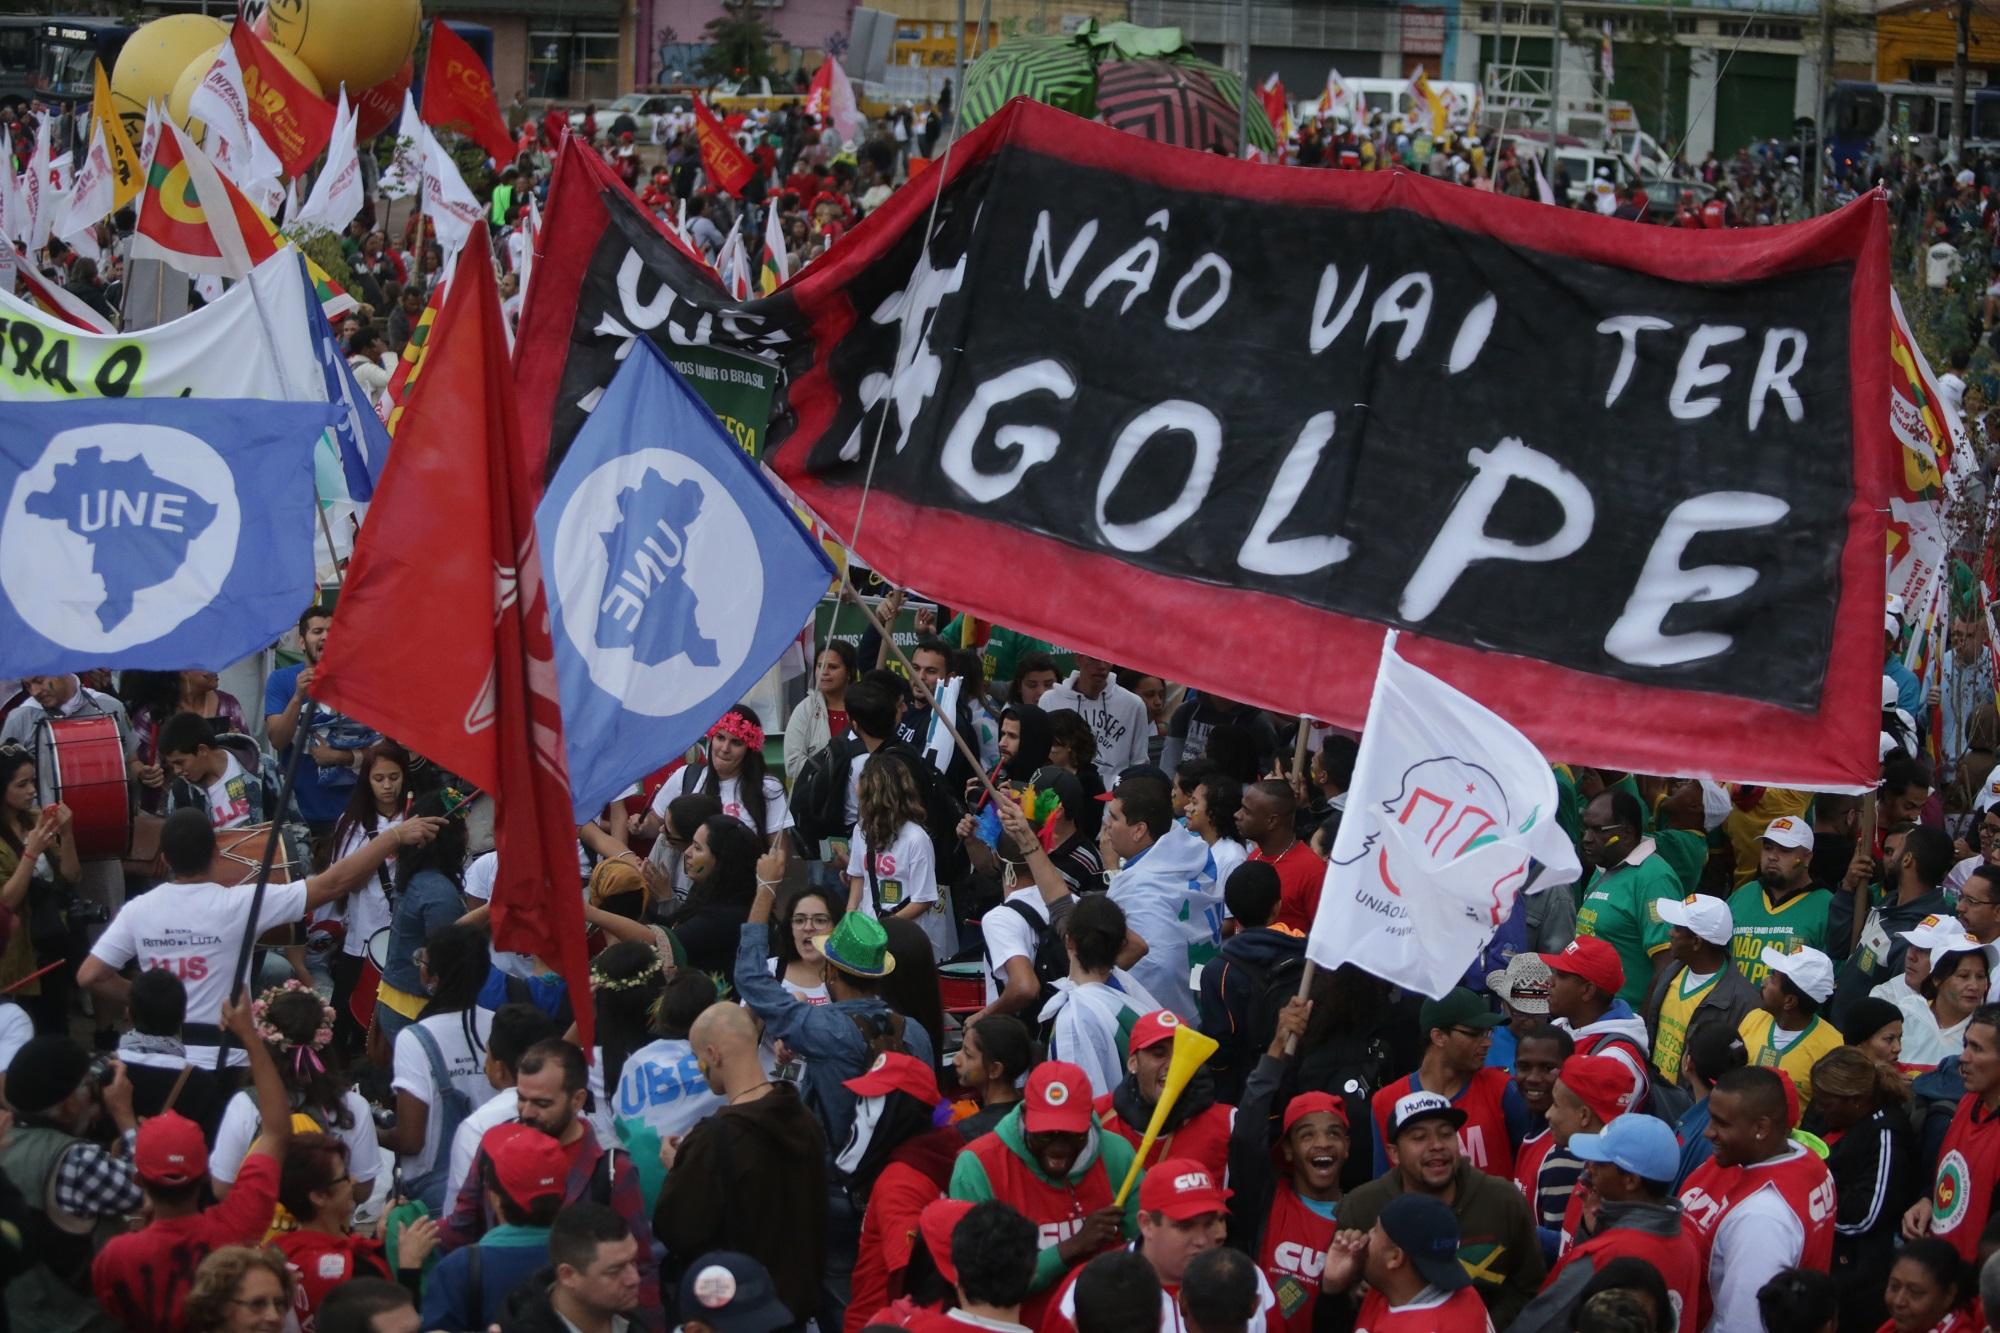 PT convoca ato para este domingo, às 17h30, em frente à PF em Curitiba